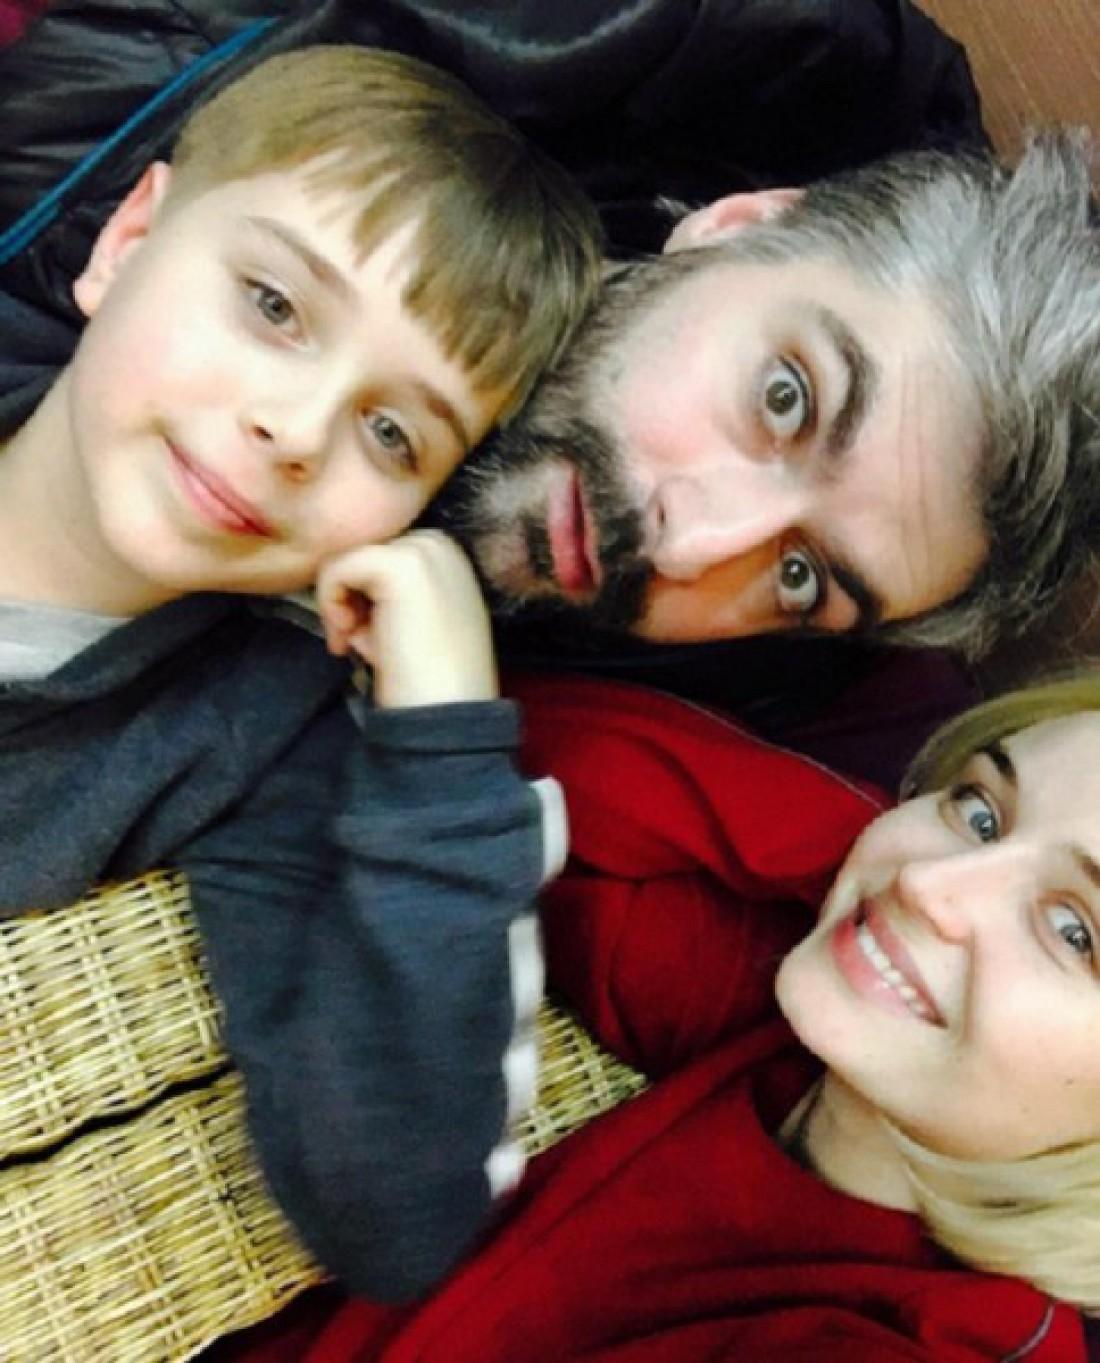 Полина Гагарина показала трогательное фото с мужем и сыном